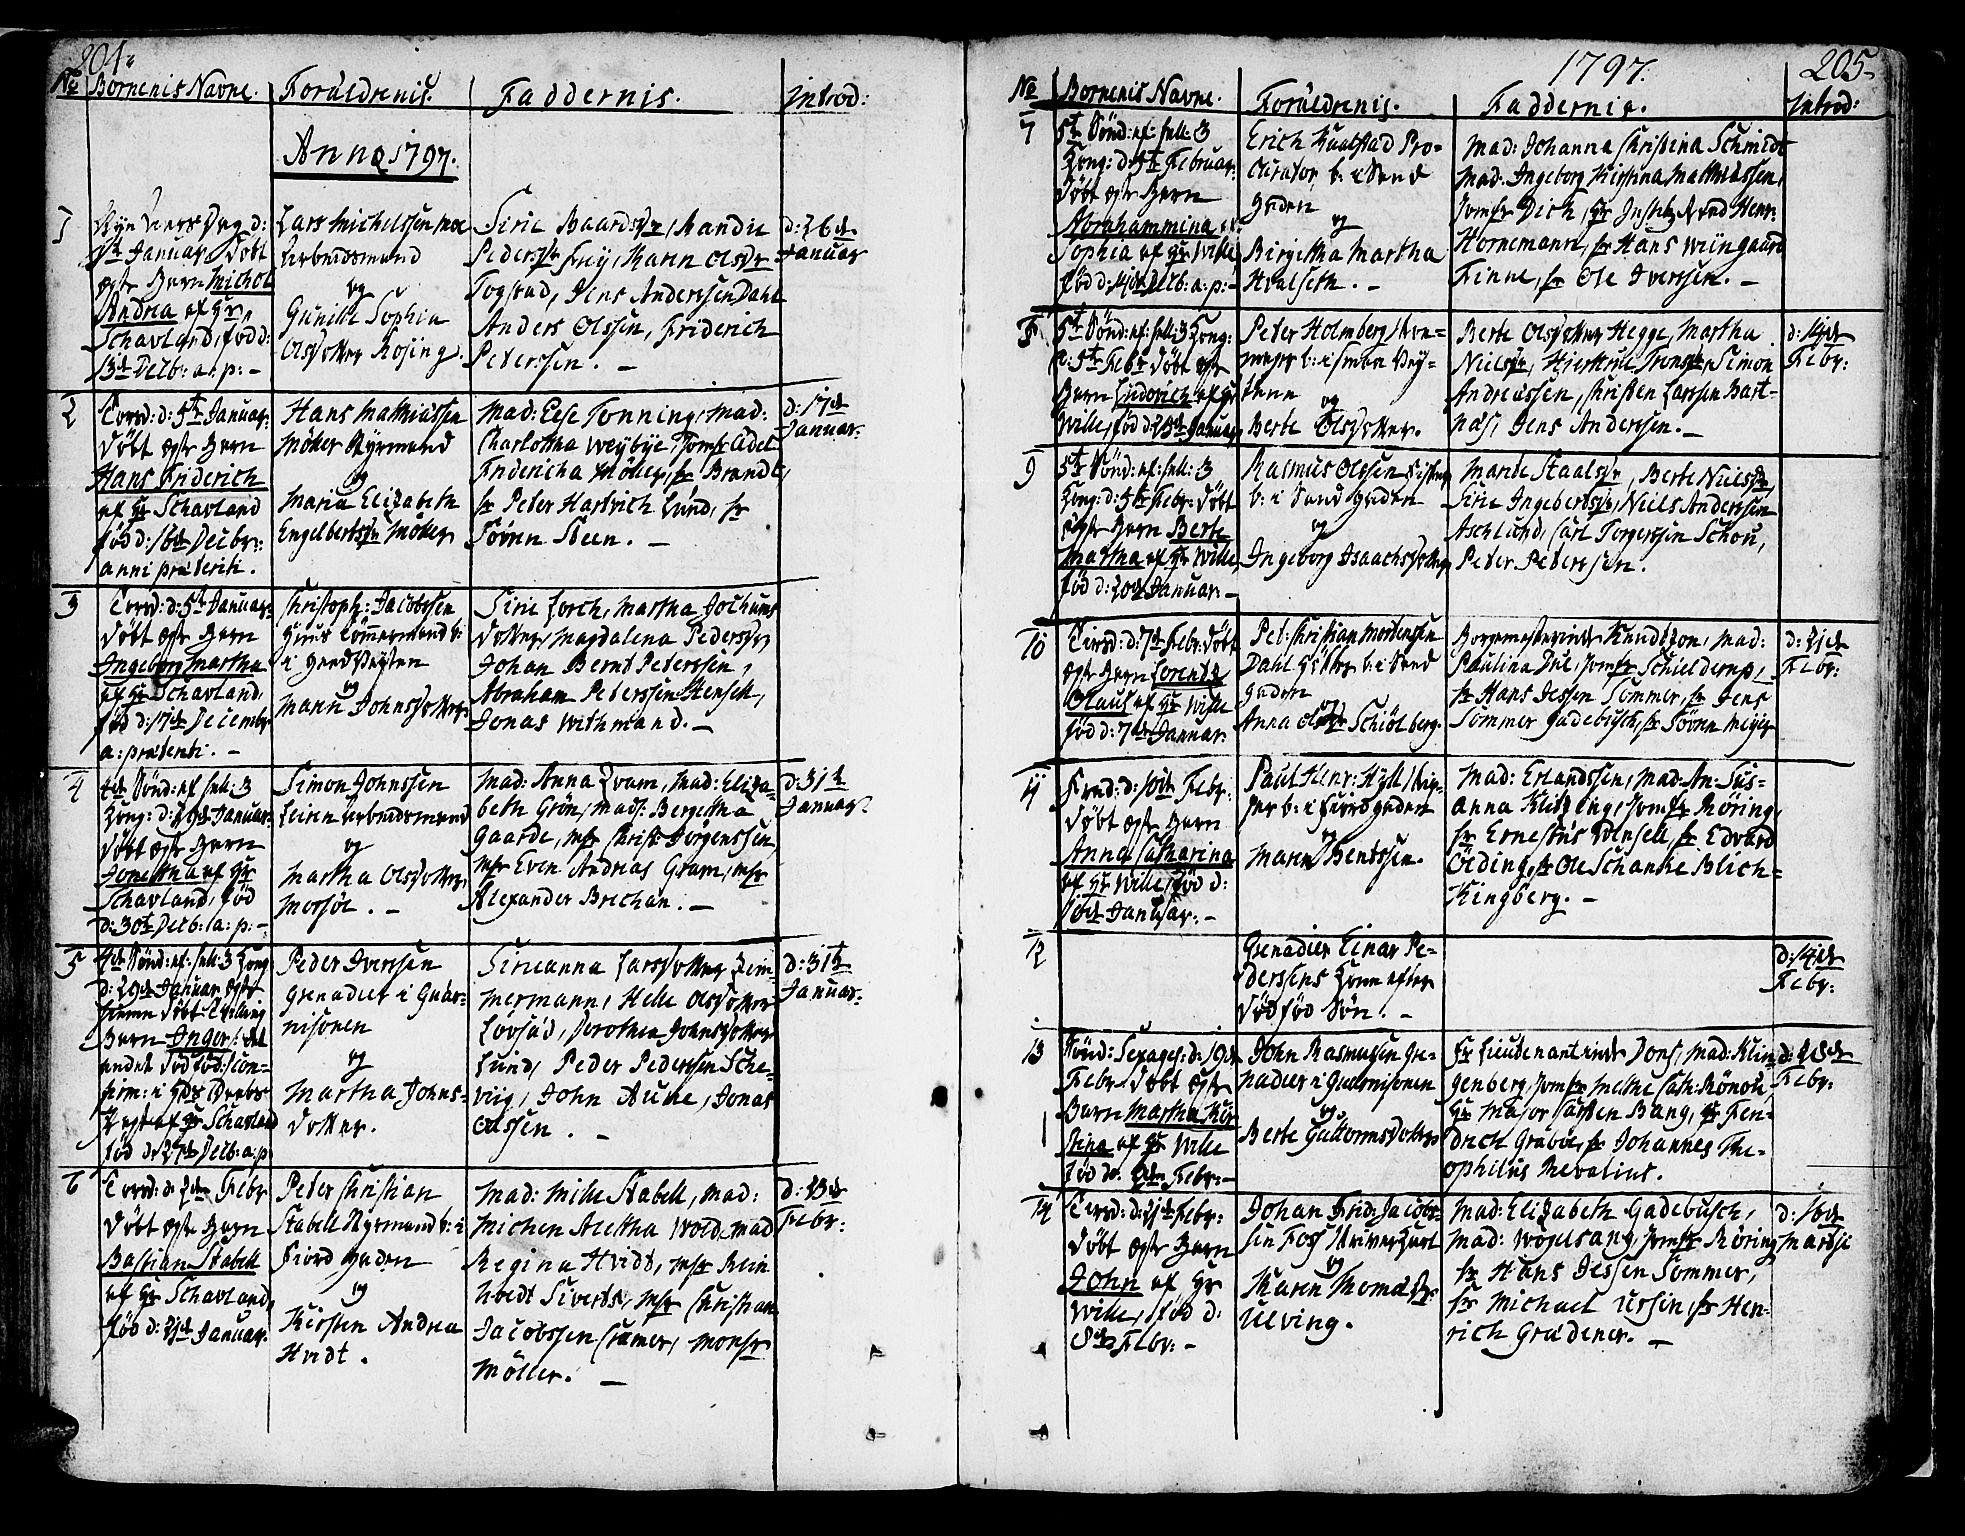 SAT, Ministerialprotokoller, klokkerbøker og fødselsregistre - Sør-Trøndelag, 602/L0104: Ministerialbok nr. 602A02, 1774-1814, s. 204-205